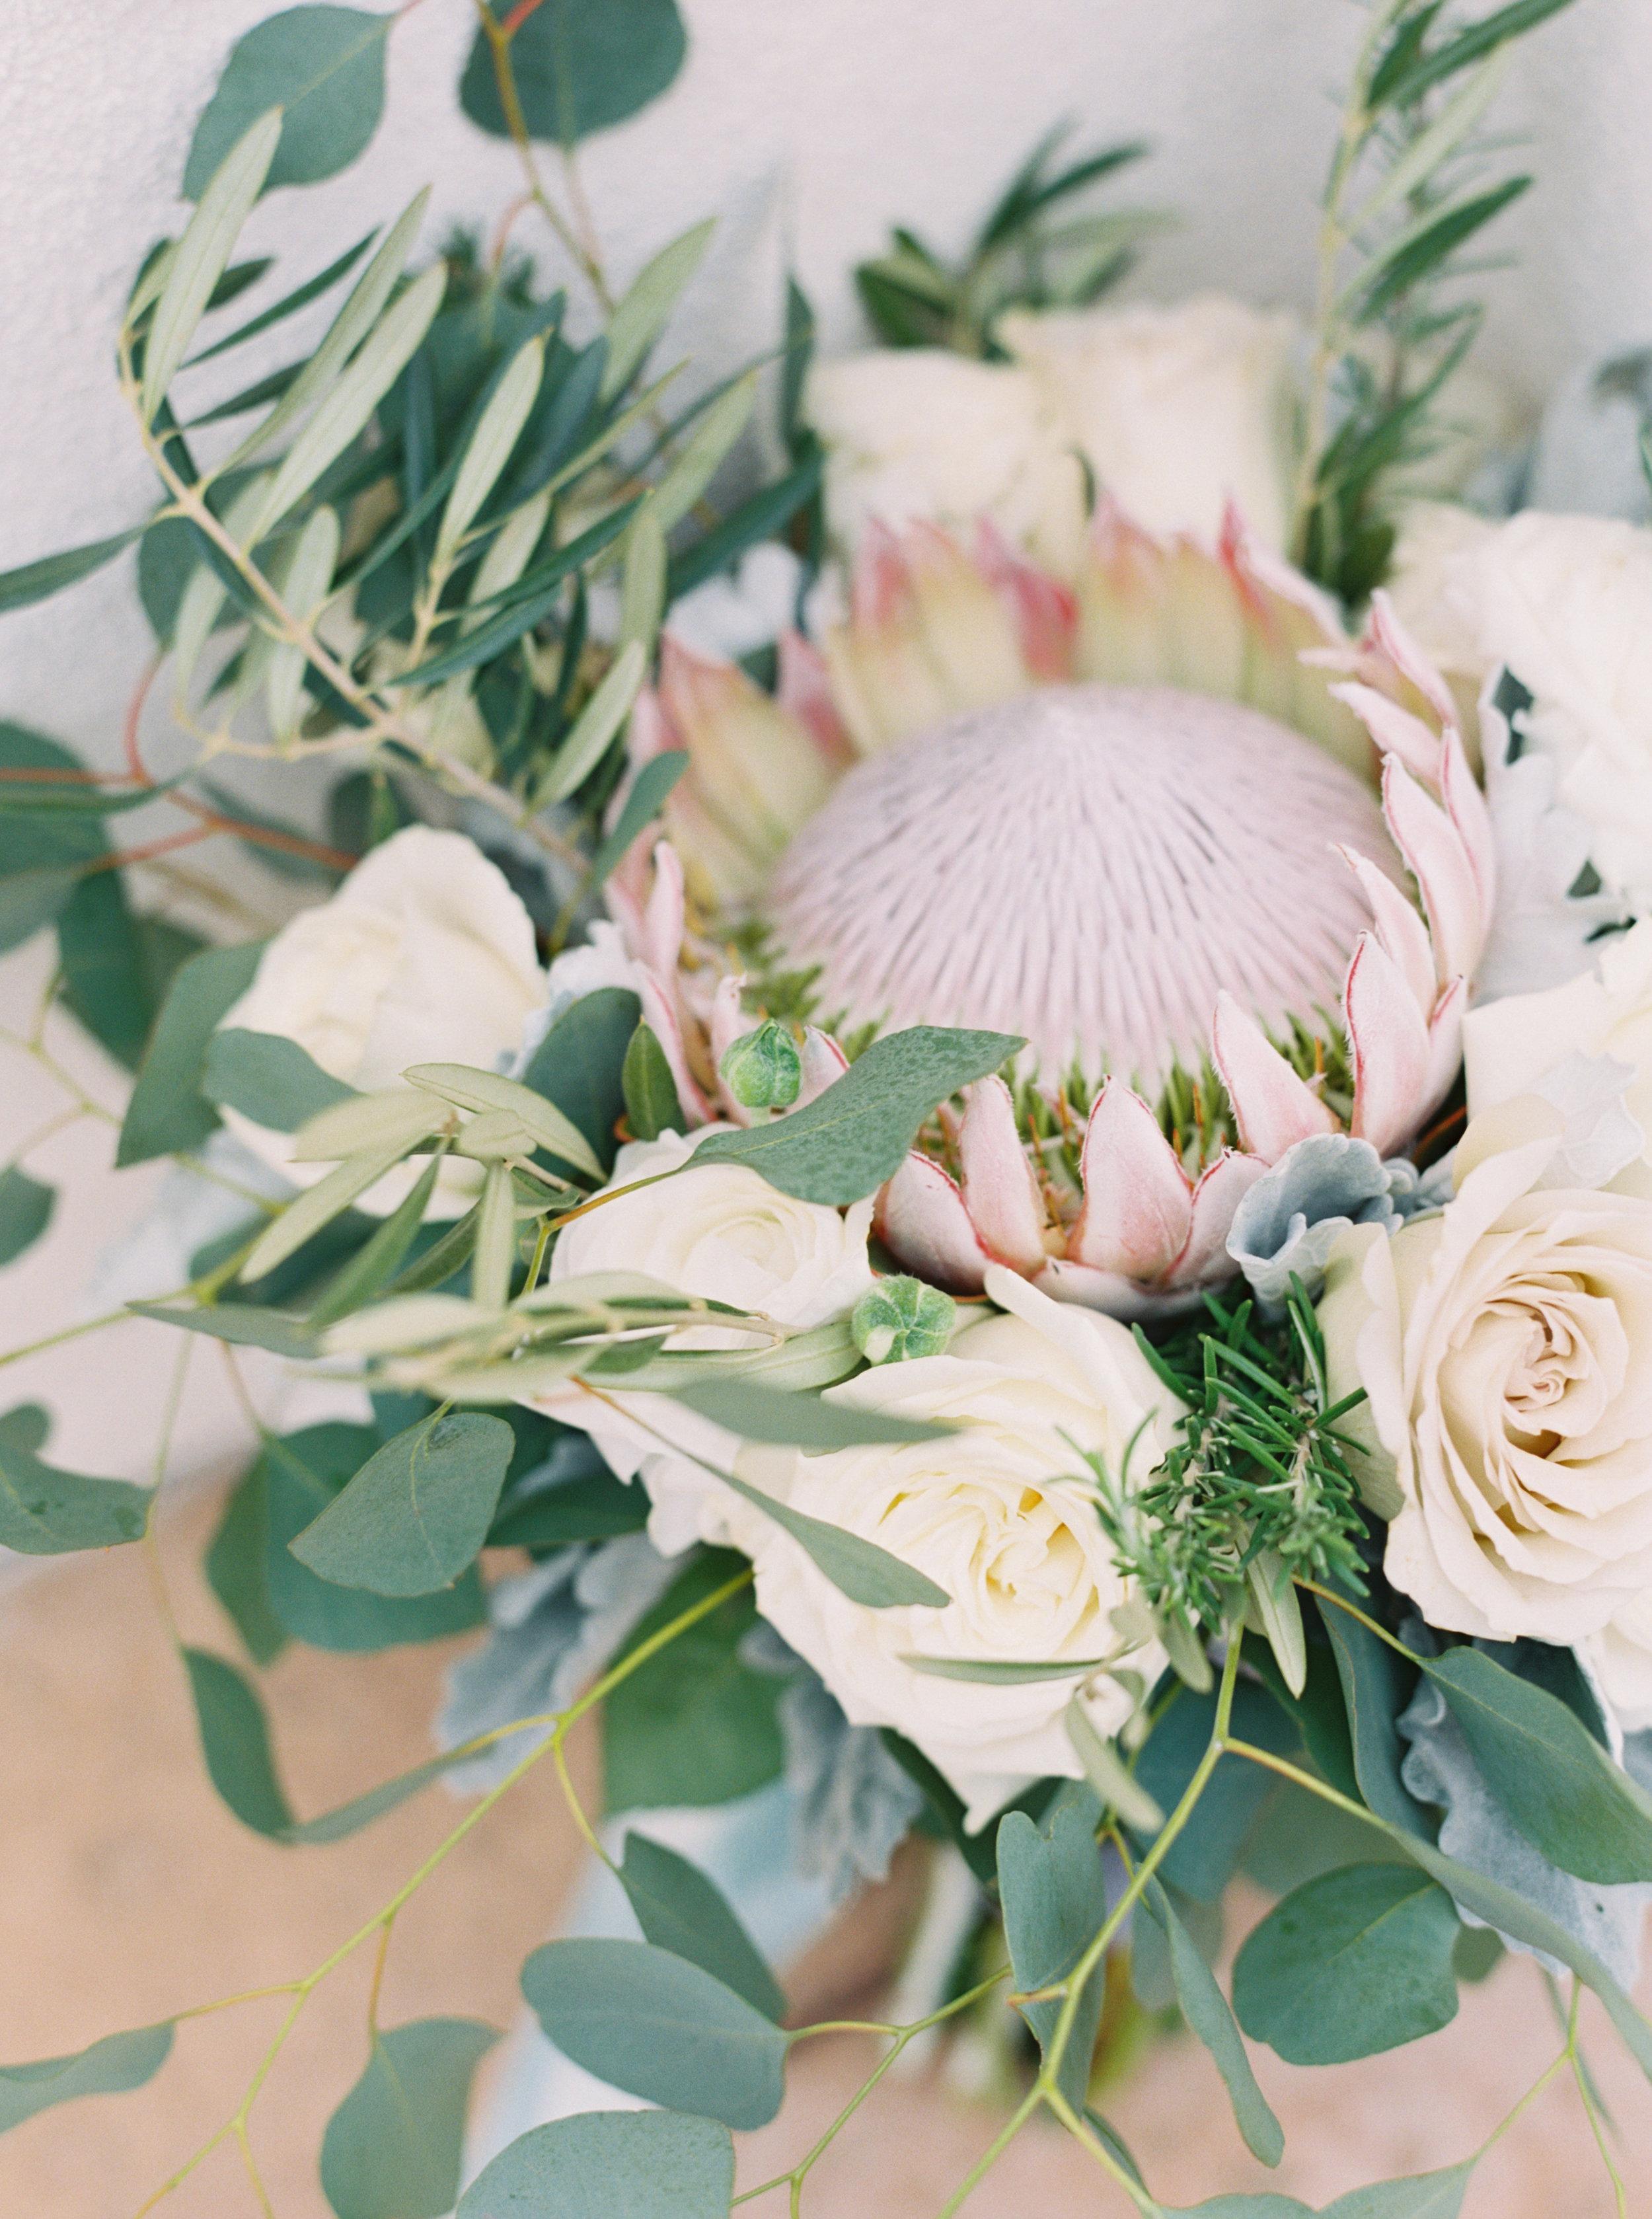 7 bride bouquet natural bouquet loose bouquet king protea bride bouquet flowers eucalyptus bouquet pastel soft bouquet Life Design Events photos by Melissa Jill Photography.jpg